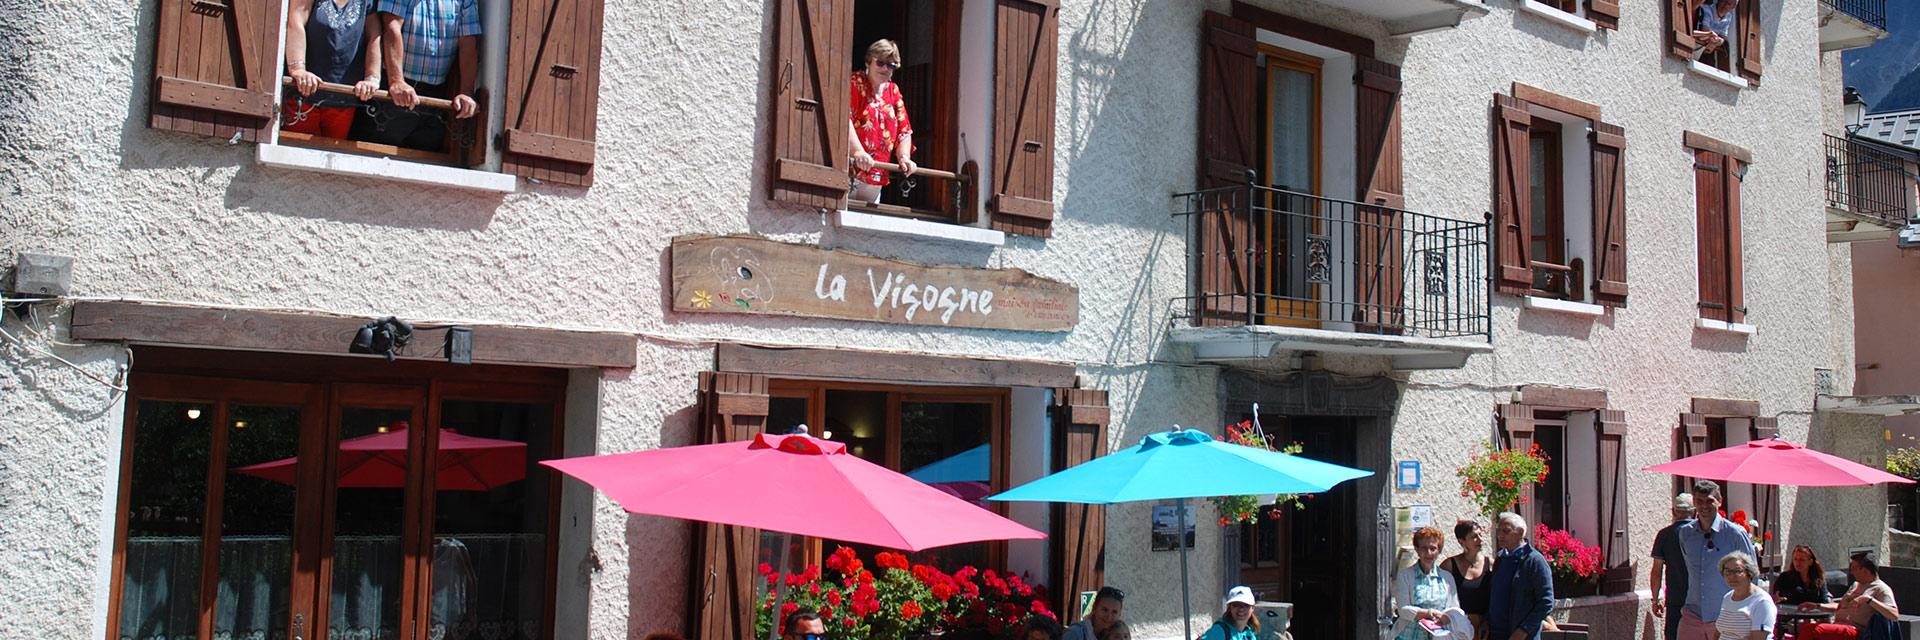 Nature & Patrimoine montagnard - Chalet La Vigogne